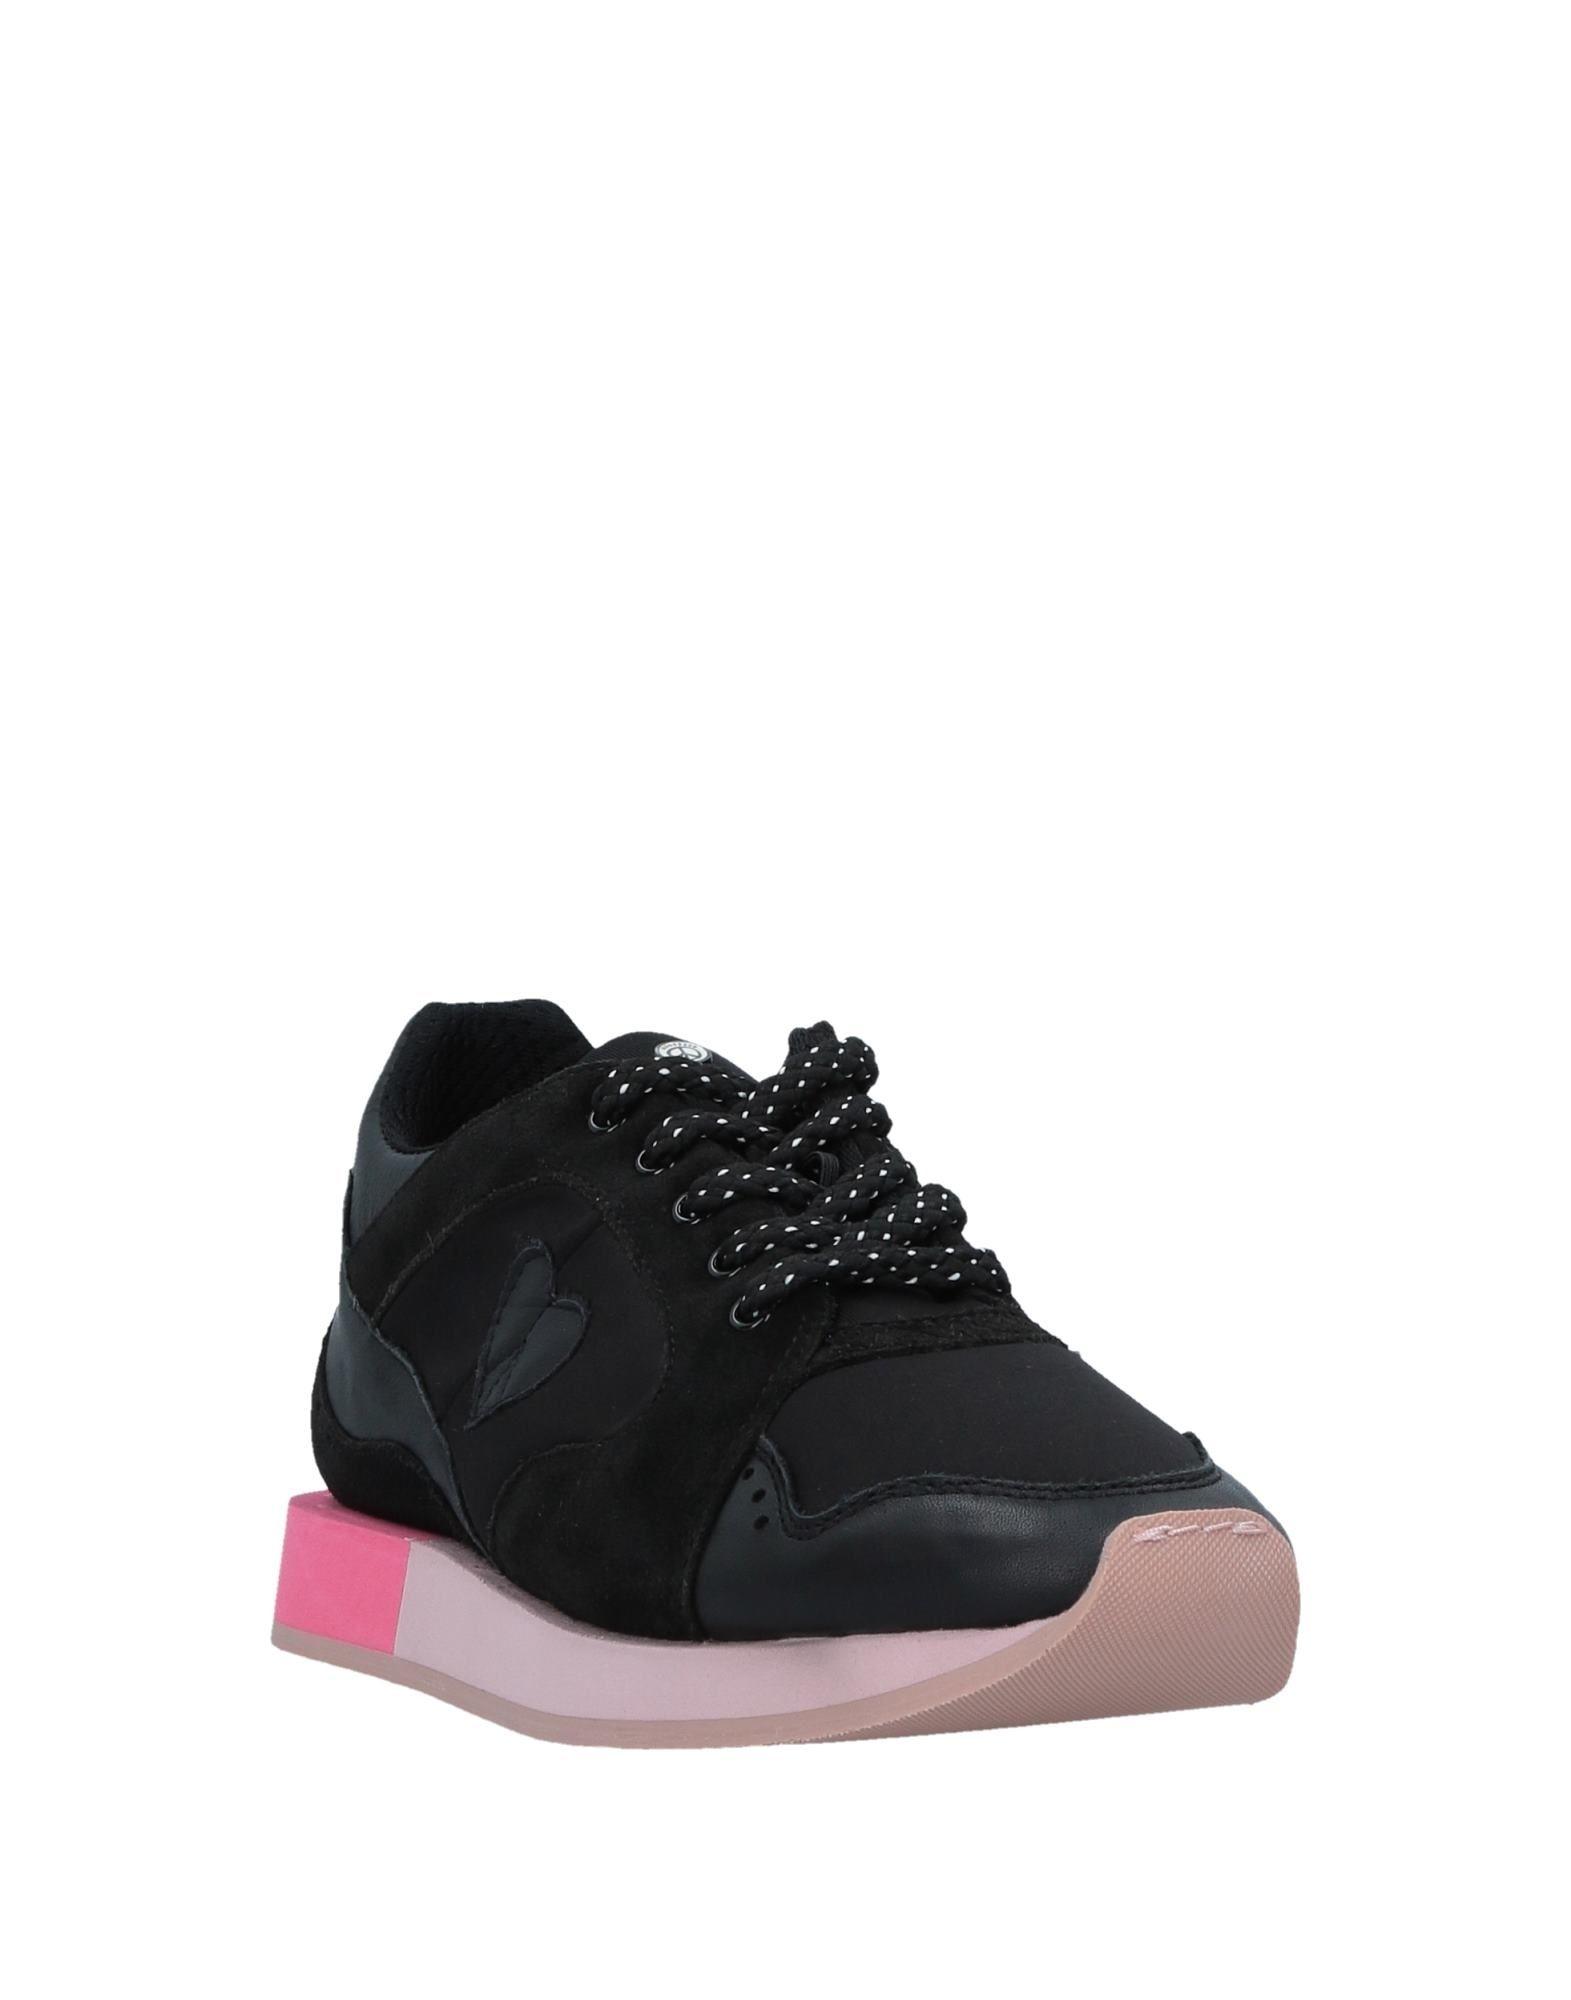 Dolfie Gute Sneakers Damen  11529052IL Gute Dolfie Qualität beliebte Schuhe 290175